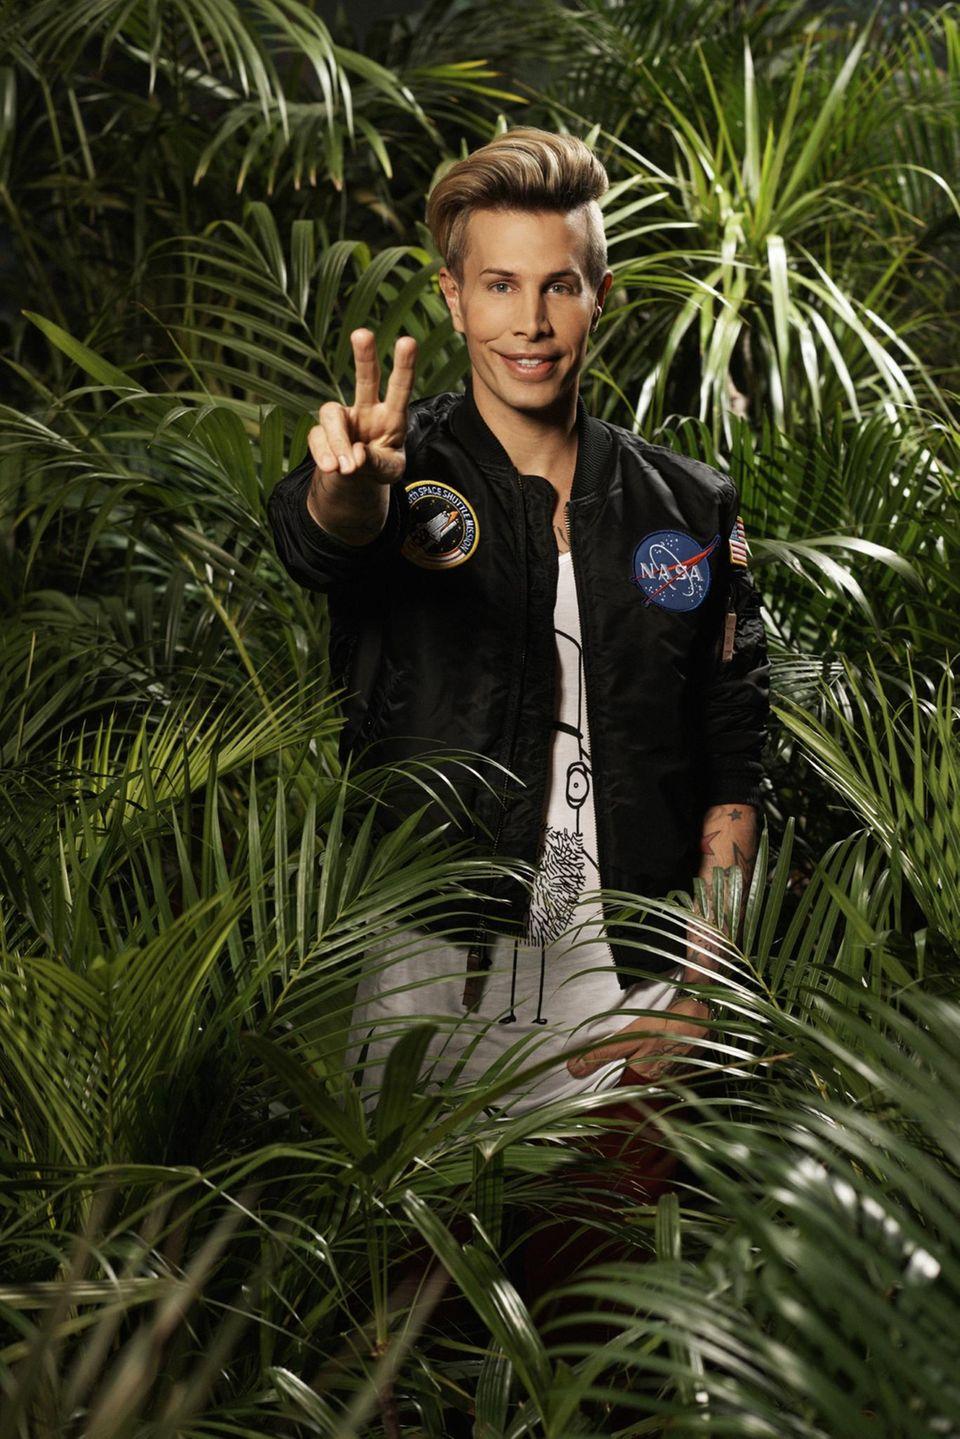 """It-Boy Florian Wess   Er ist ein Multitalent, Designer, Sänger, Stammgast in Talk- und Reality-Shows, wie """"Big Brother"""" und ist mit Stars wie Pamela Anderson und Paris Hilton befereundet. Bei """"Ich bin ein Star – Holt mich hier raus"""" 2017 möchte It-Boy Florian Wess beweisen, dass er es auch mit den Gefahren des australischen Dschungels aufnehmen kann."""